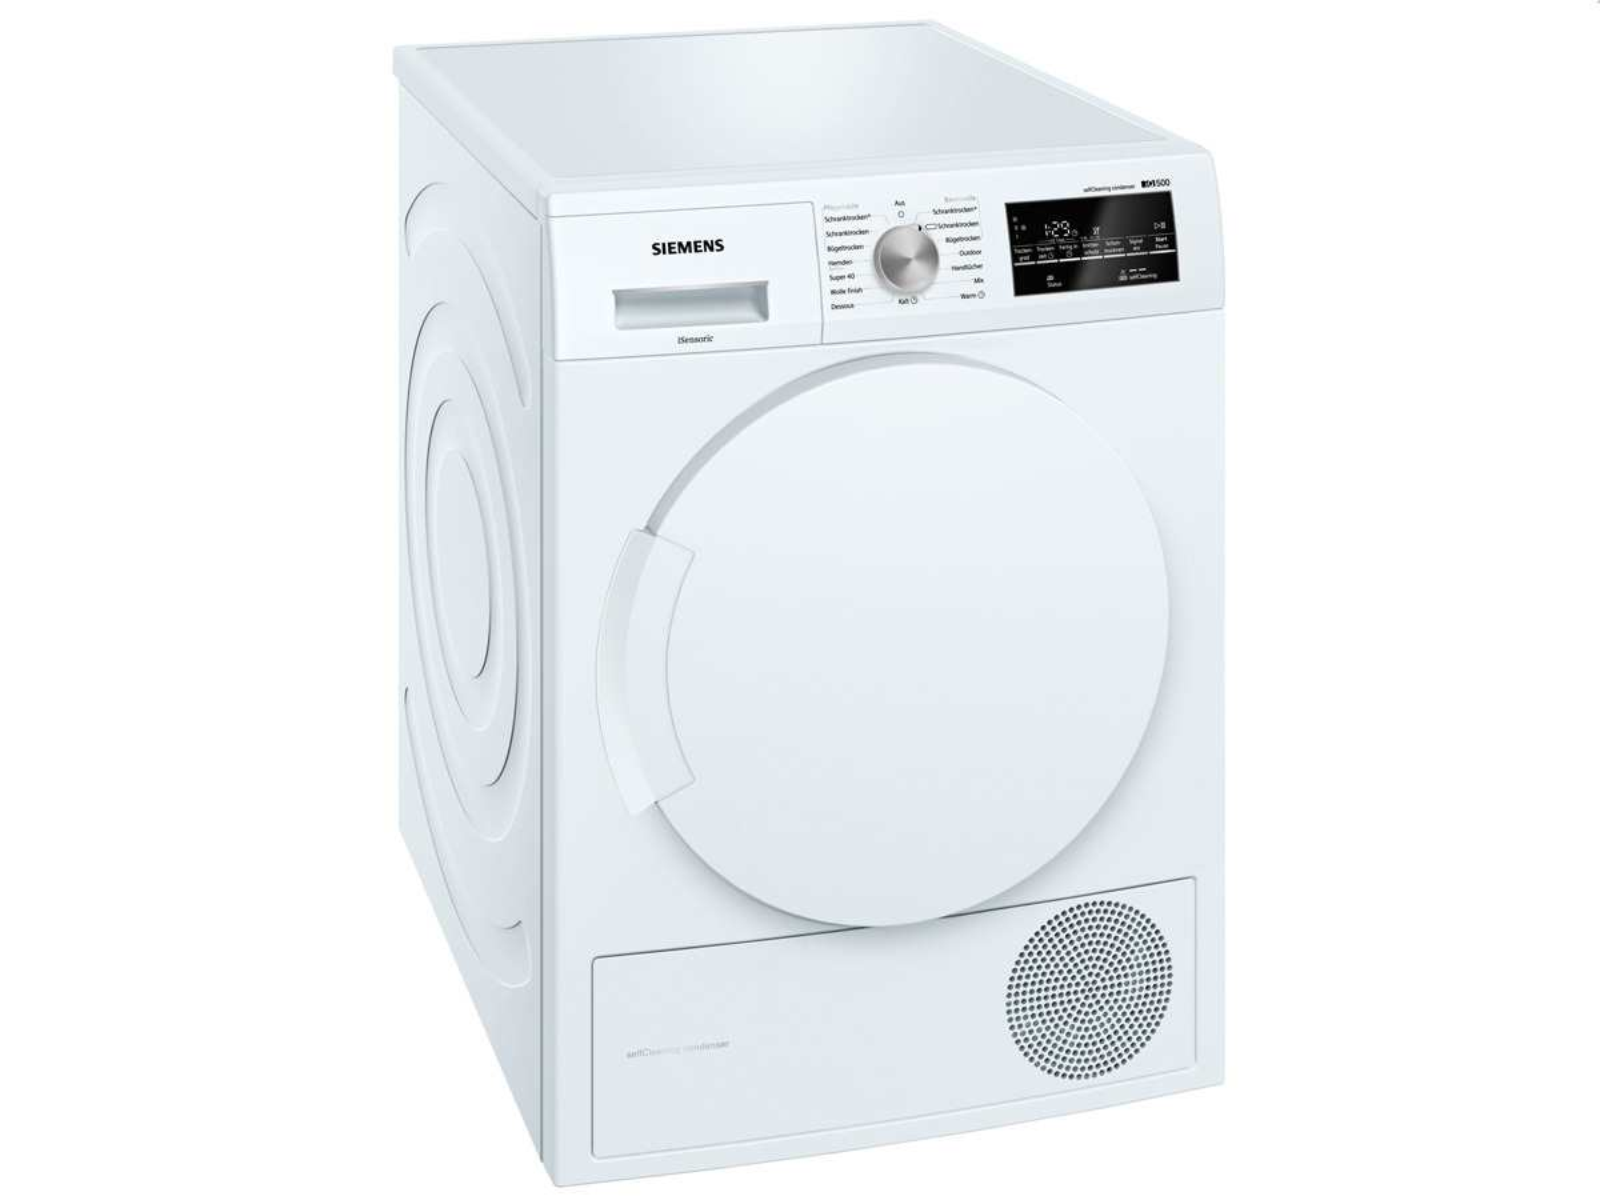 Innenarchitektur Trockner Referenz Von Produktabbildung Siemens Wt43w460 Stand Weiß